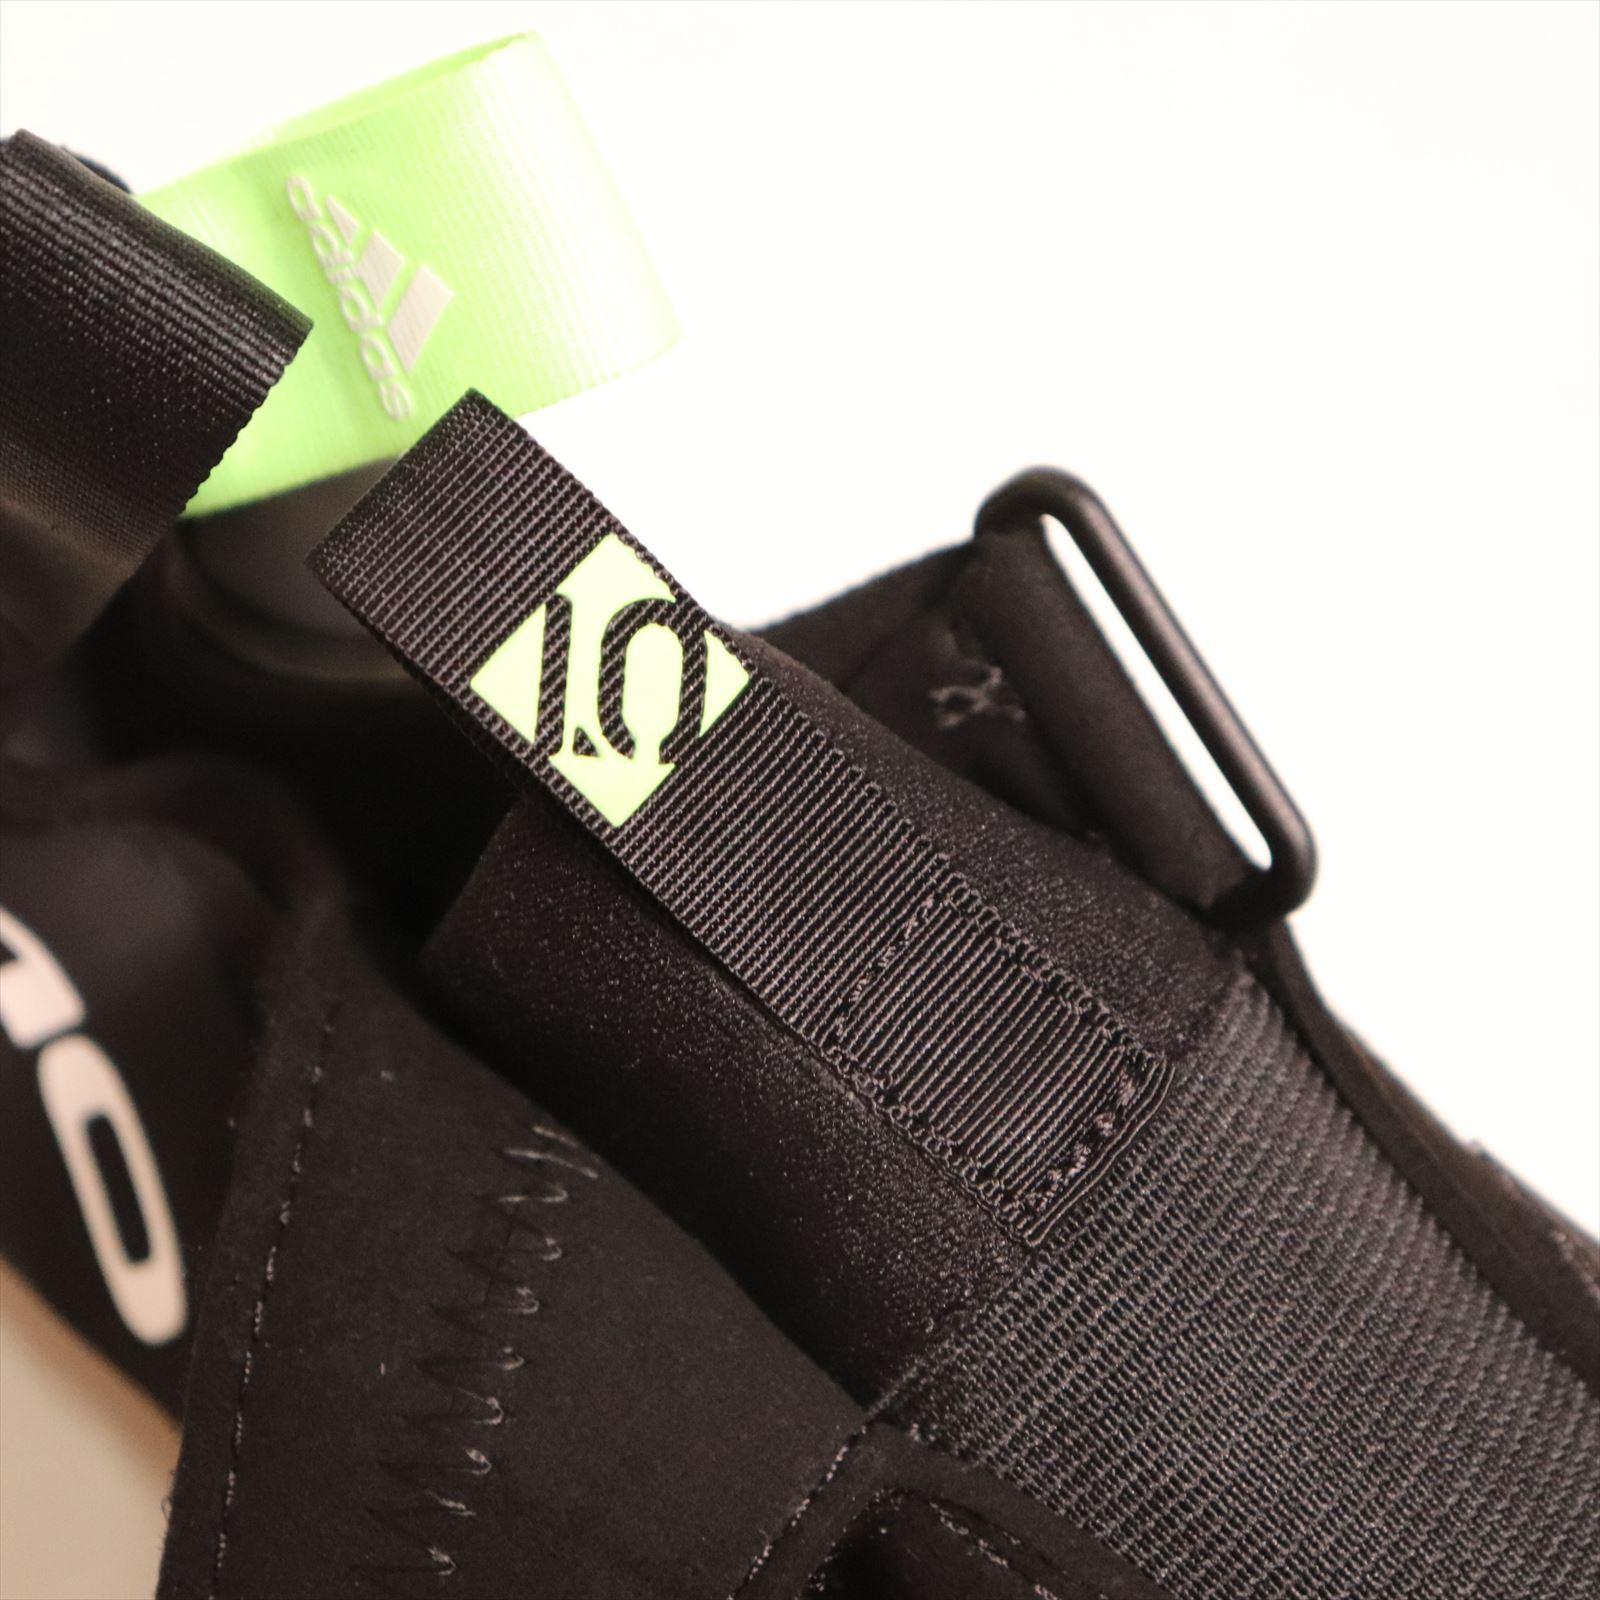 アディダス 5.10 NEWハイアングル Pro 【店頭受取ポイントUP商品】ポイント700Pプレゼント